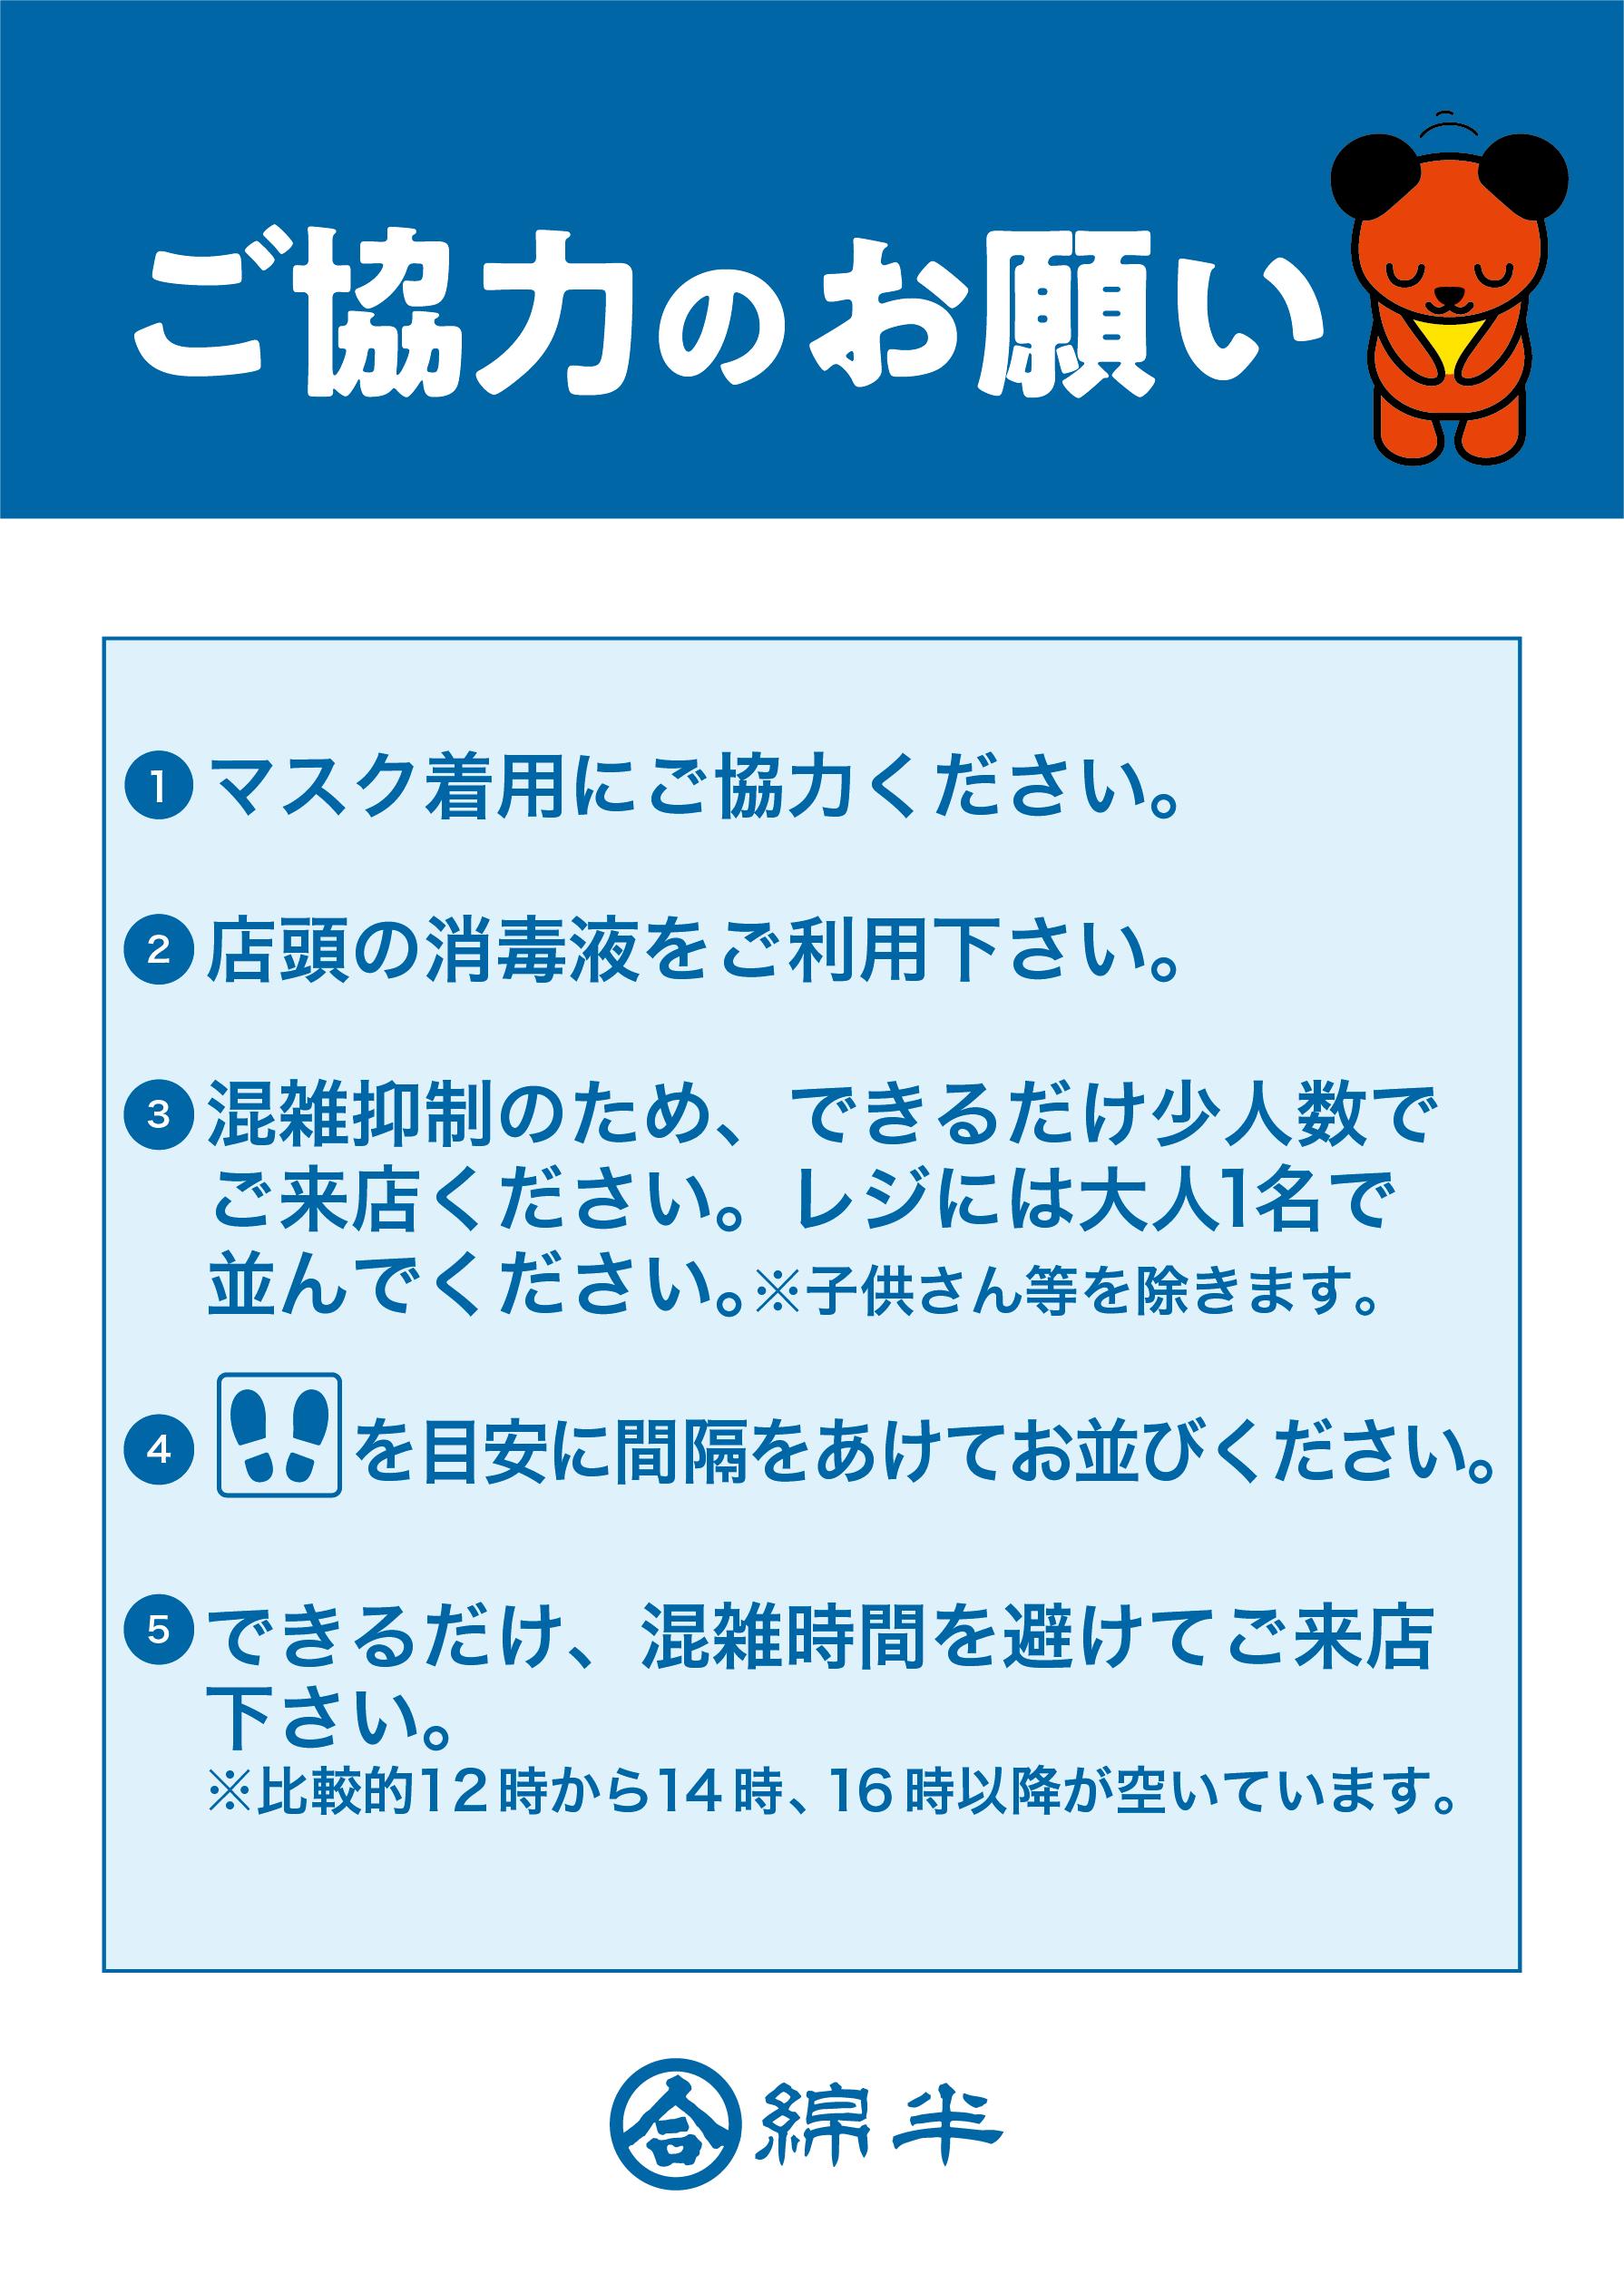 (新型コロナ対策)ご協力のお願い.png